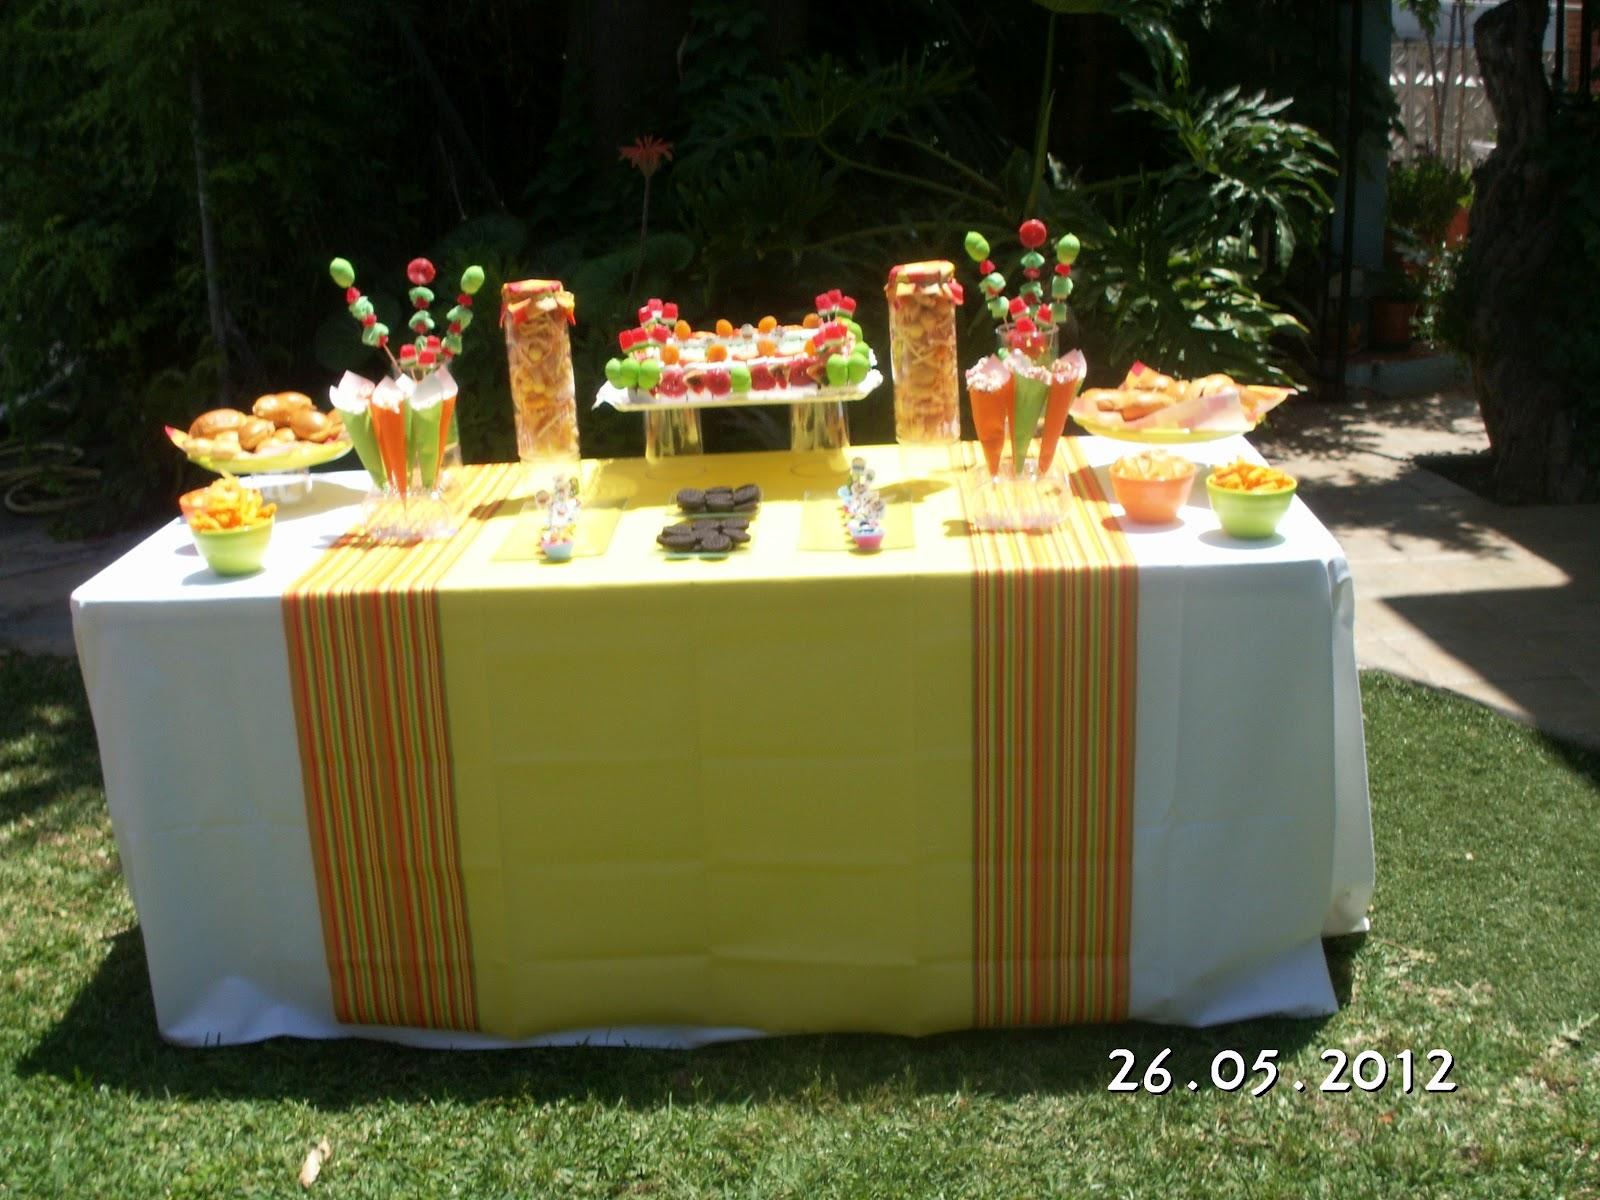 Fiestas con encanto merienda de cumplea os un buffet de chuches sencillo - Decoracion buffet ...